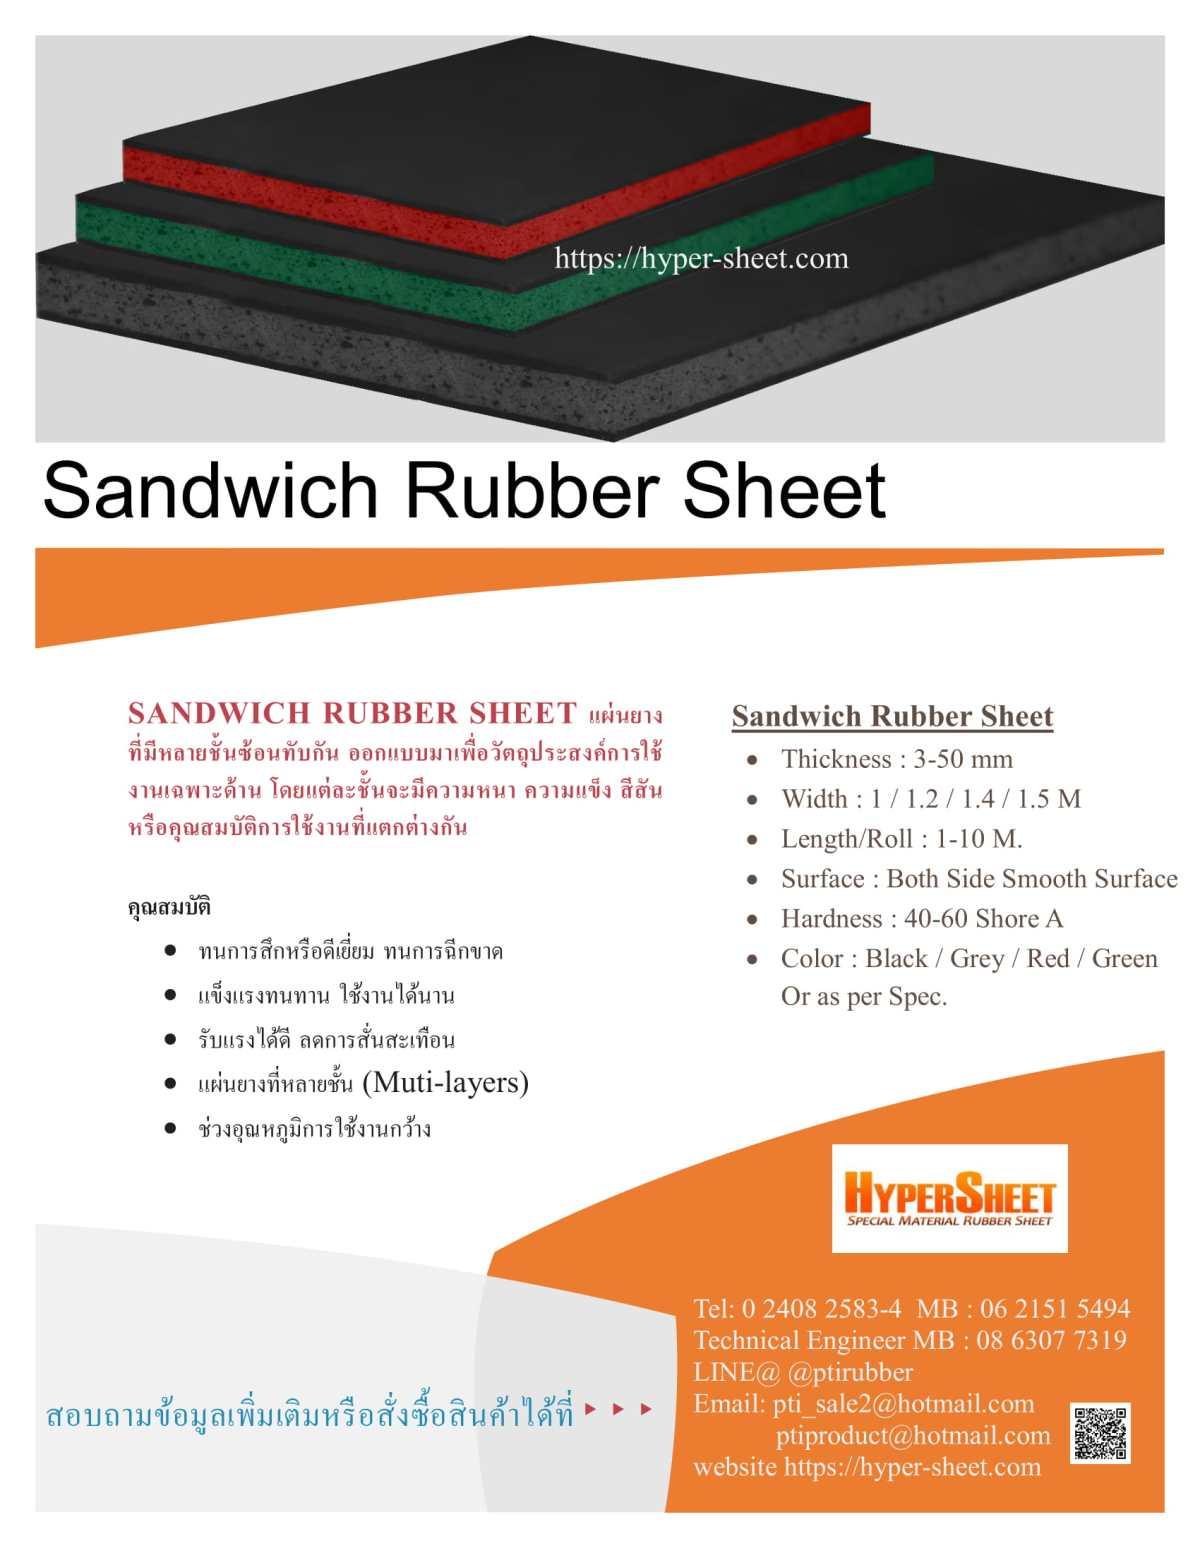 แผ่่นยาง sandwich Rubber sheet-1.jpg